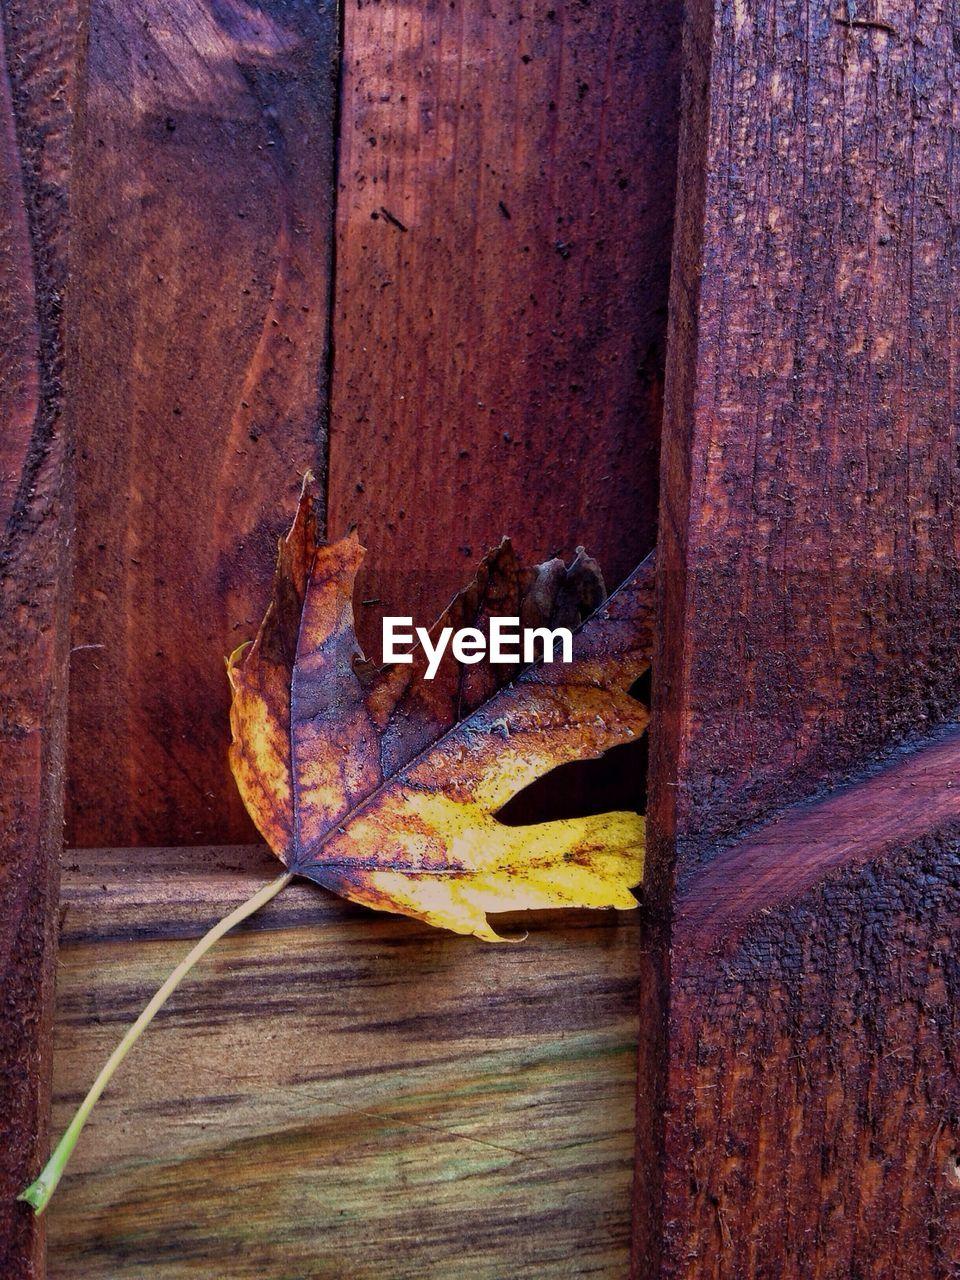 Dry maple leaf stuck in wooden door